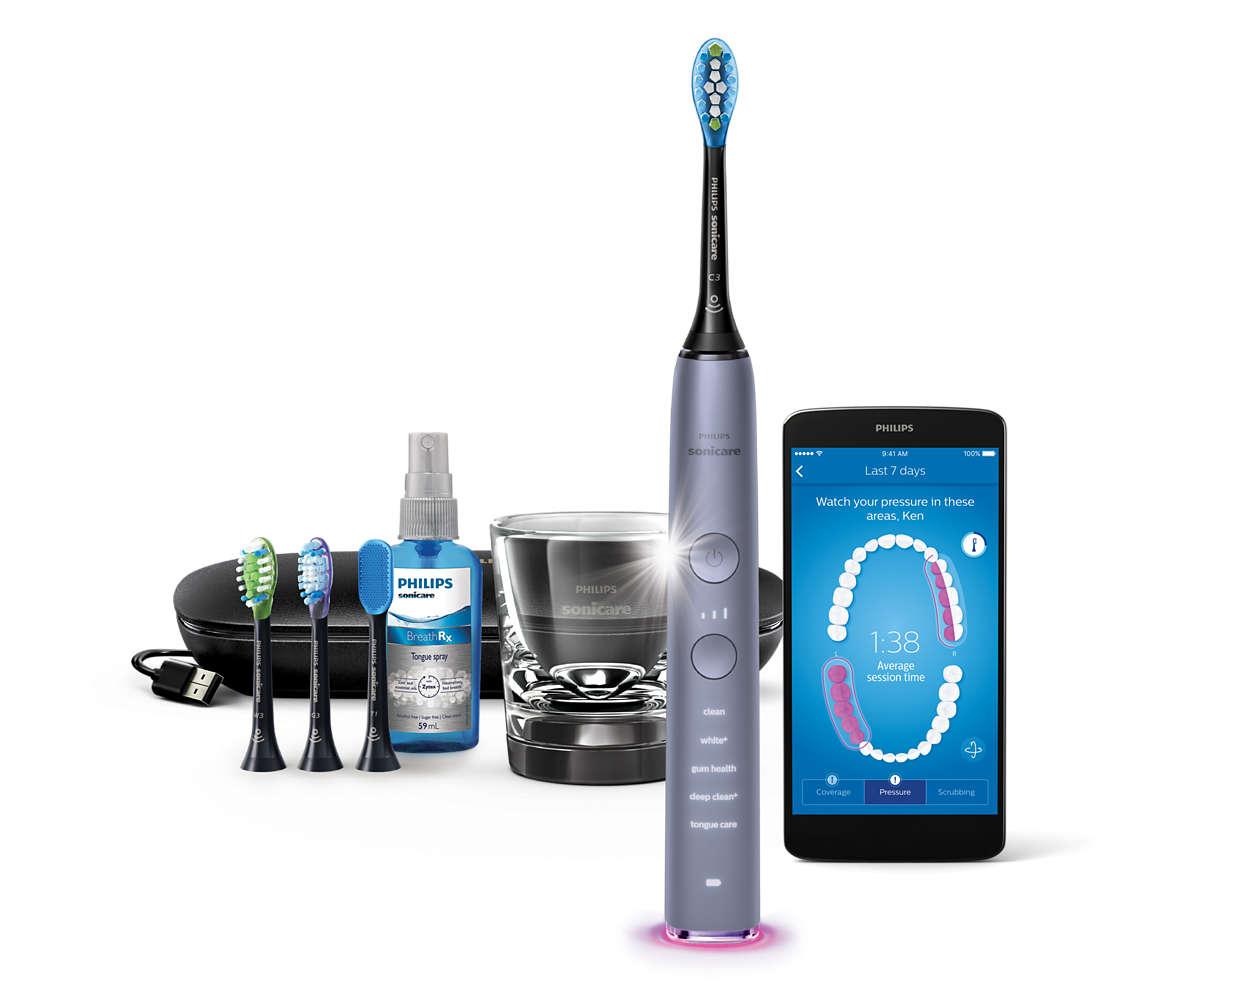 Vores bedste tandbørste nogensinde. Gør rent i hele din mund.